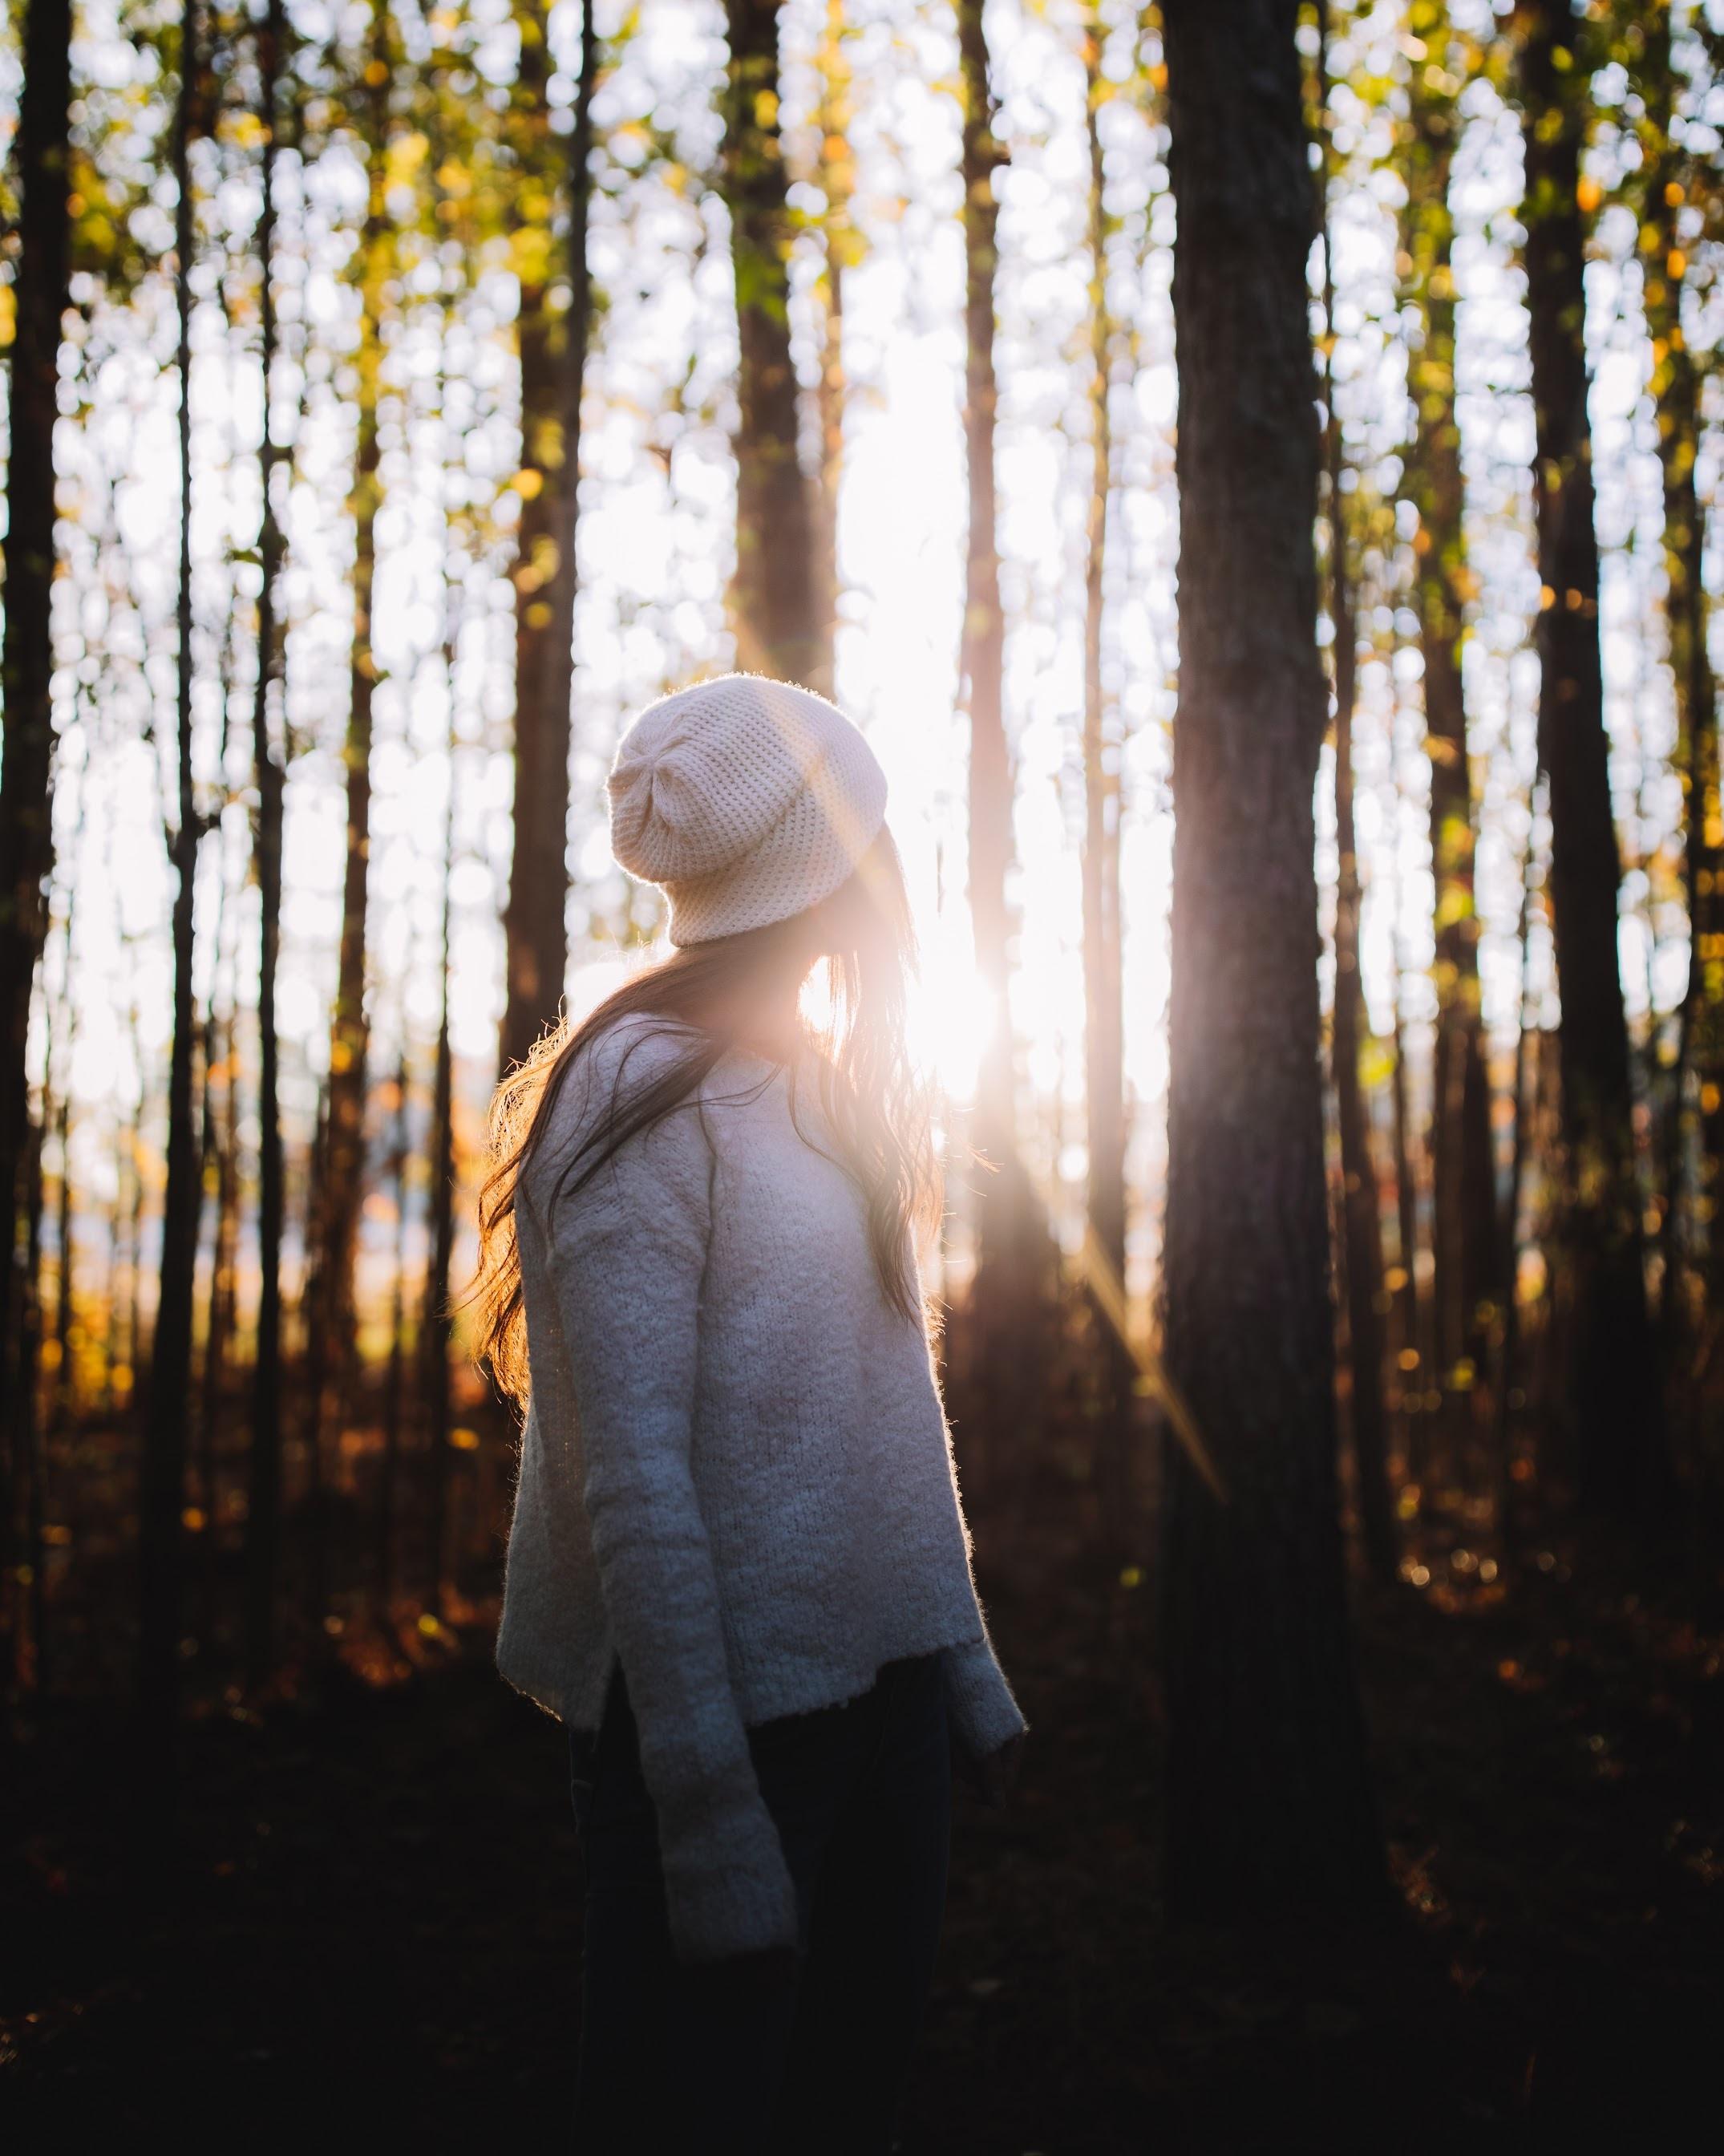 151187 скачать обои Разное, Девушка, Лес, Солнечный Свет, Деревья, Блики - заставки и картинки бесплатно